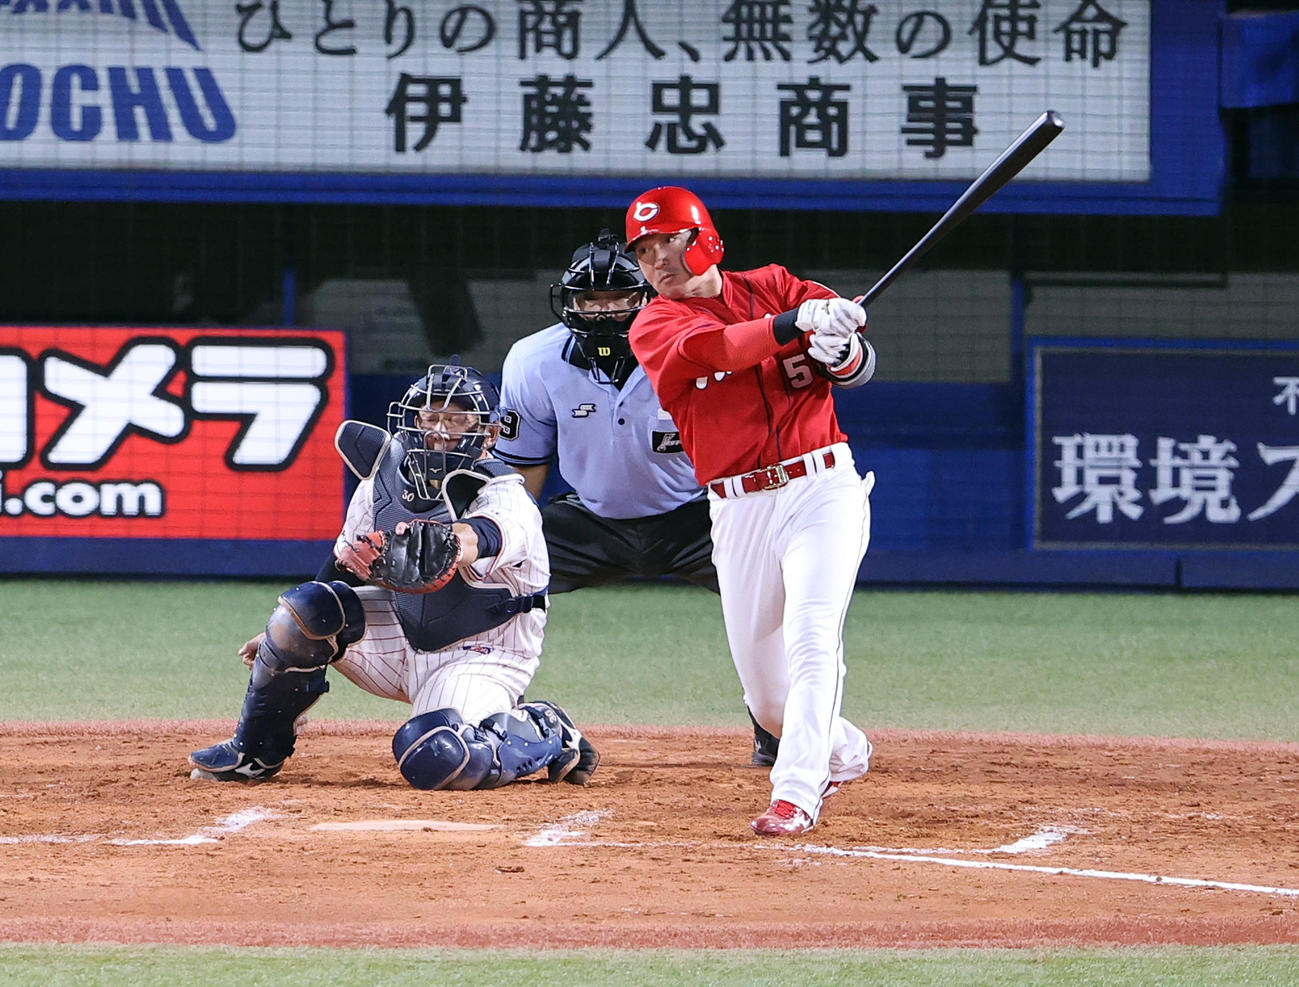 ヤクルト対広島 7回表広島2死一、二塁、長野は右越え3点本塁打を放つ(撮影・浅見桂子)